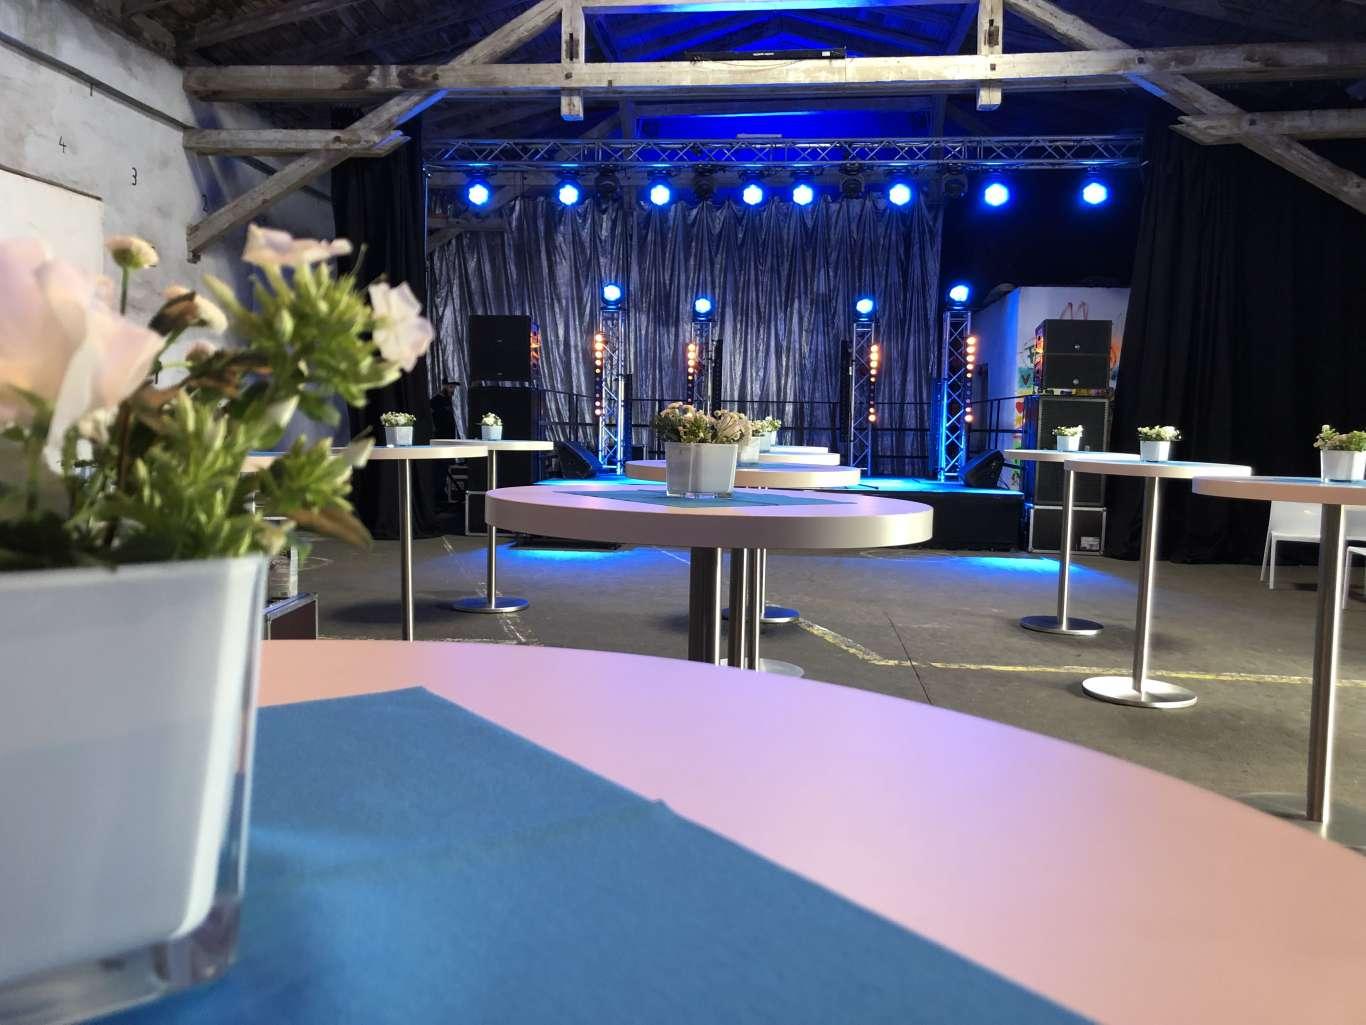 Die vollständige Dekoration erfolgt im Sinne eines durchgehenden Event-Designs, was sich auch in der Tischdekoration und der Beleuchtung am Veranstaltungsort widerspiegelt.